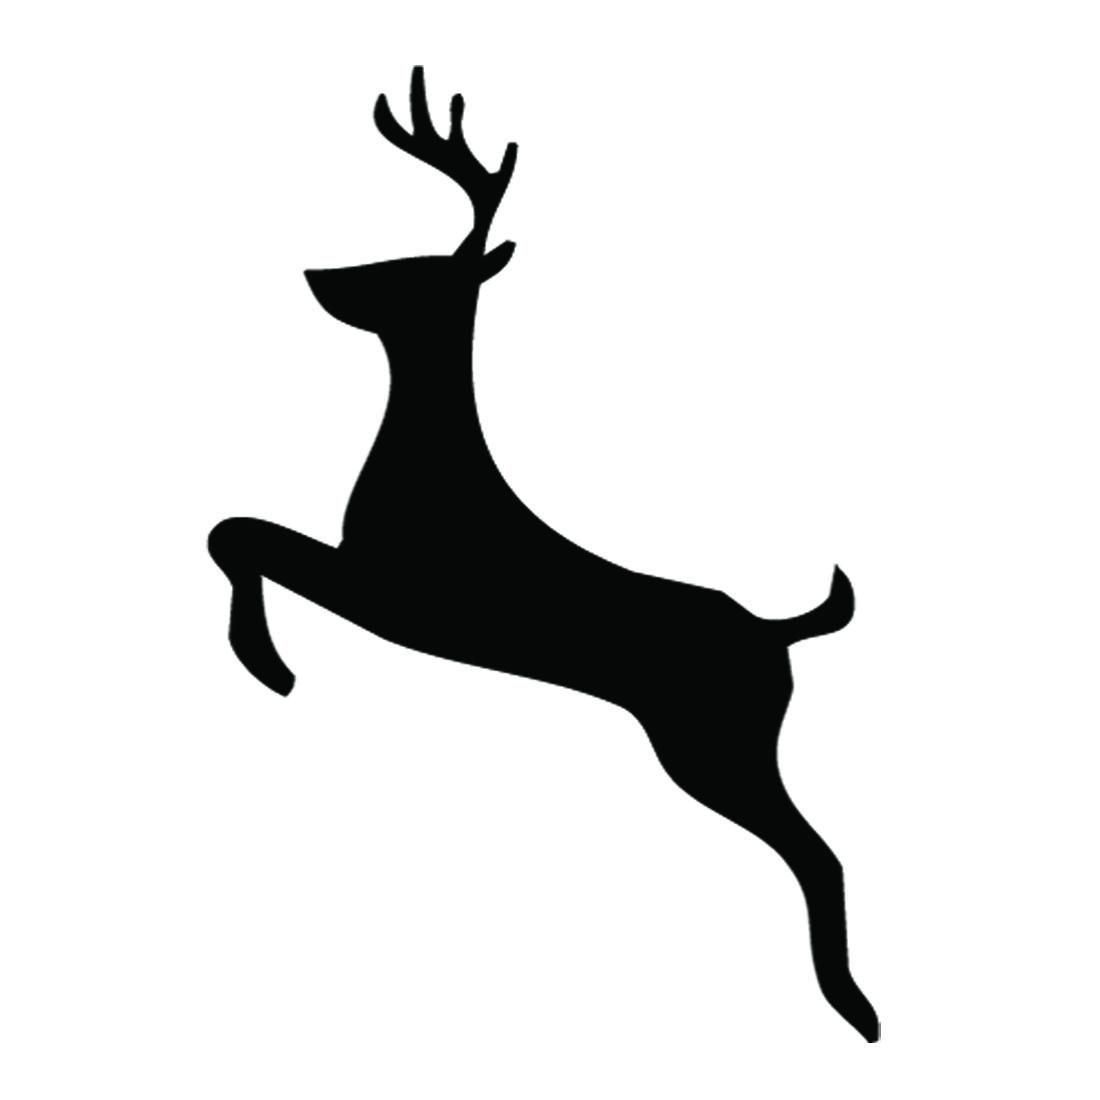 1100x1100 Reindeer Silhouette Stencil 02 Scrapbook